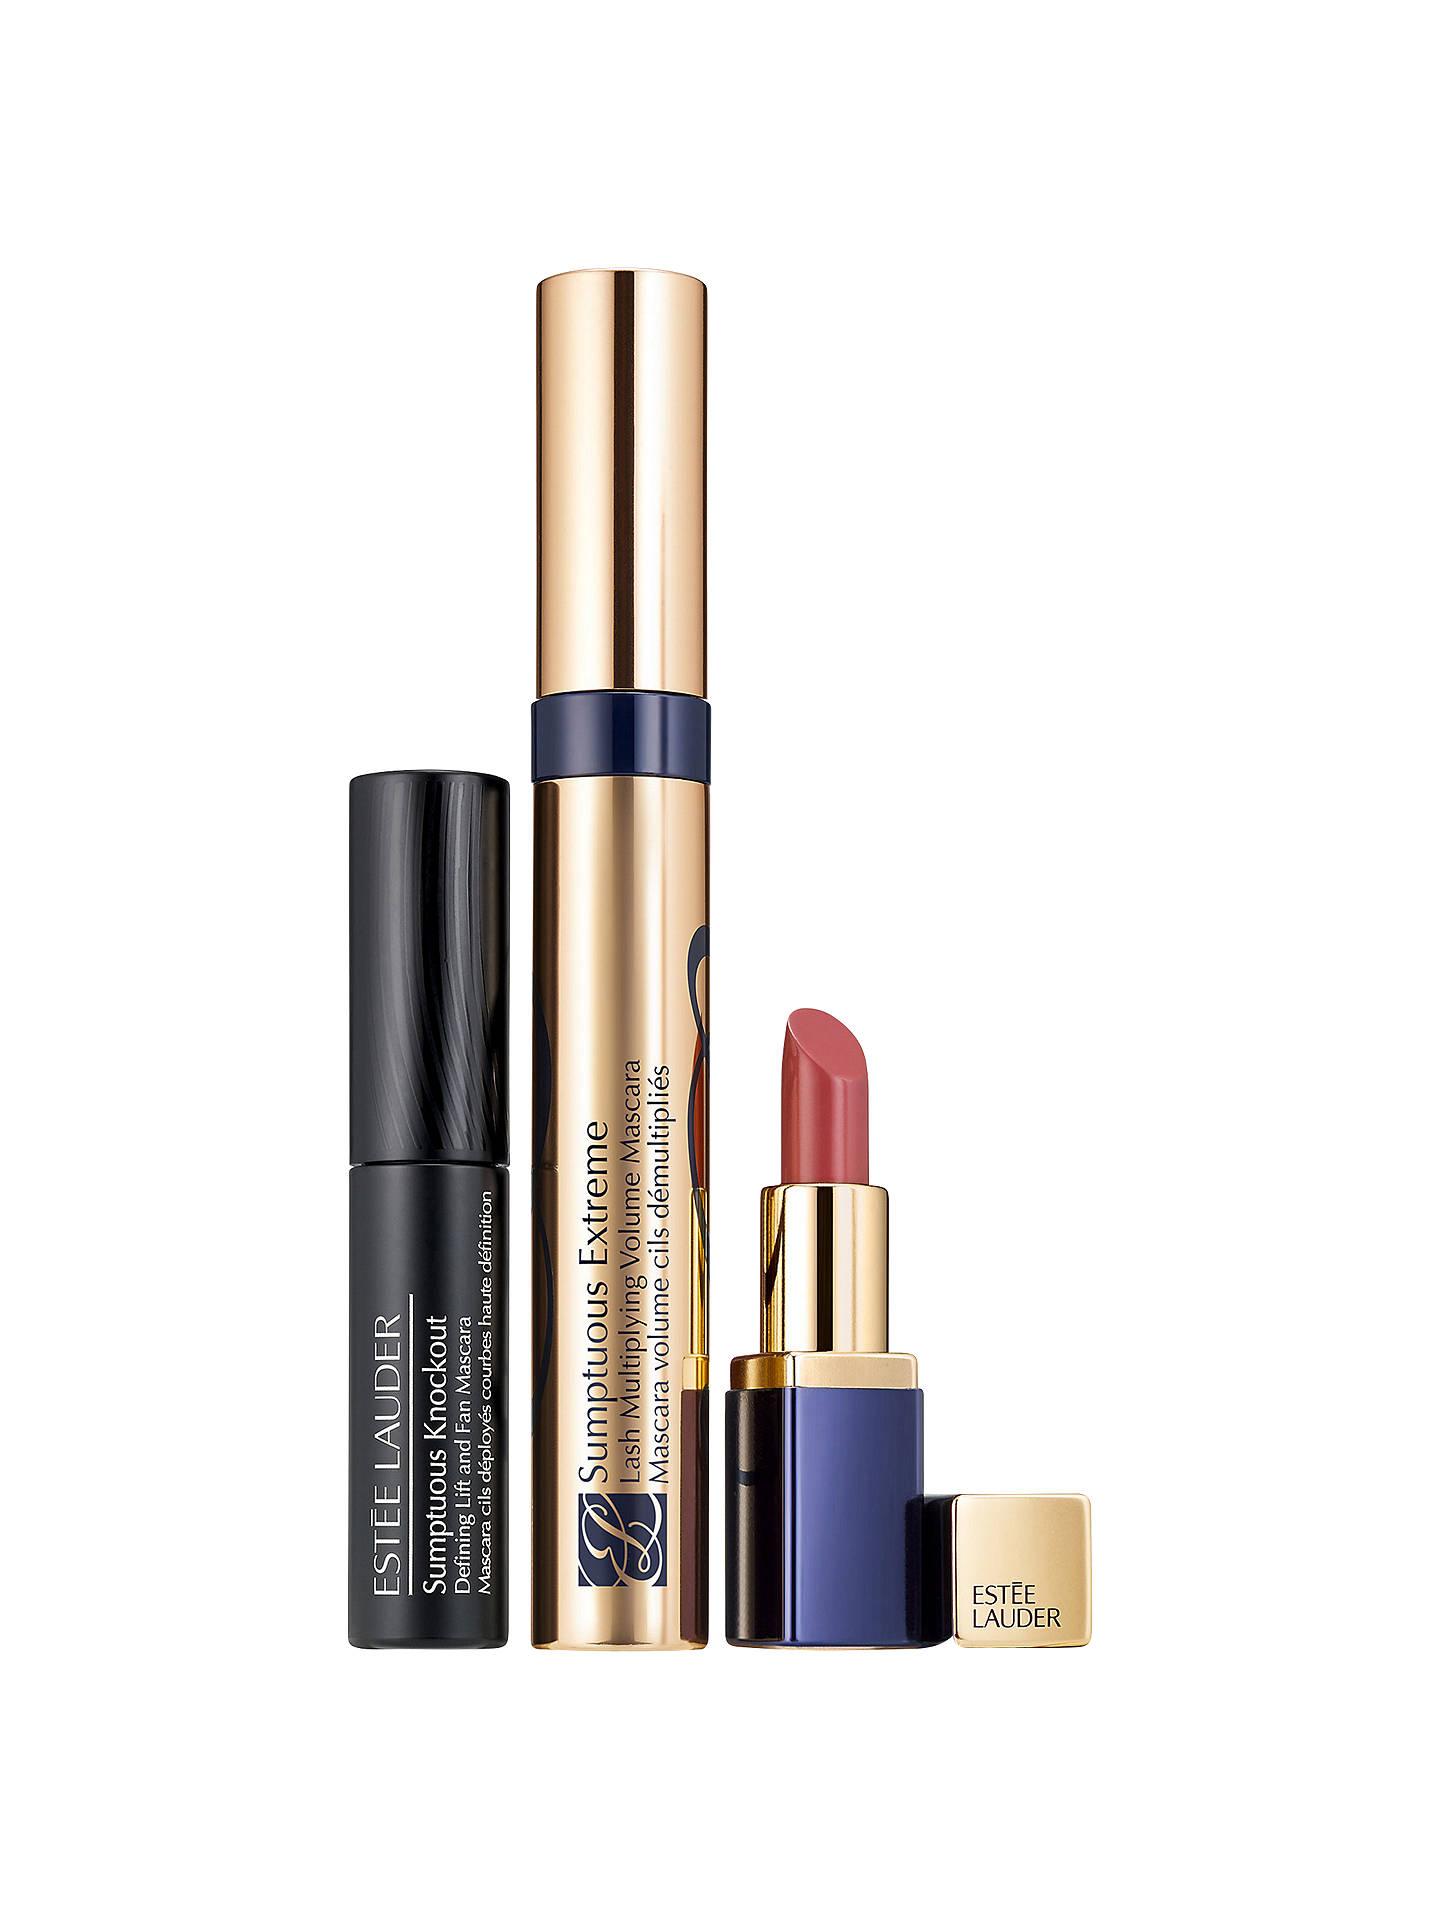 6903cbee46c Buy Estée Lauder Sumptuous Extreme Mascara Gift Set Online at johnlewis.com